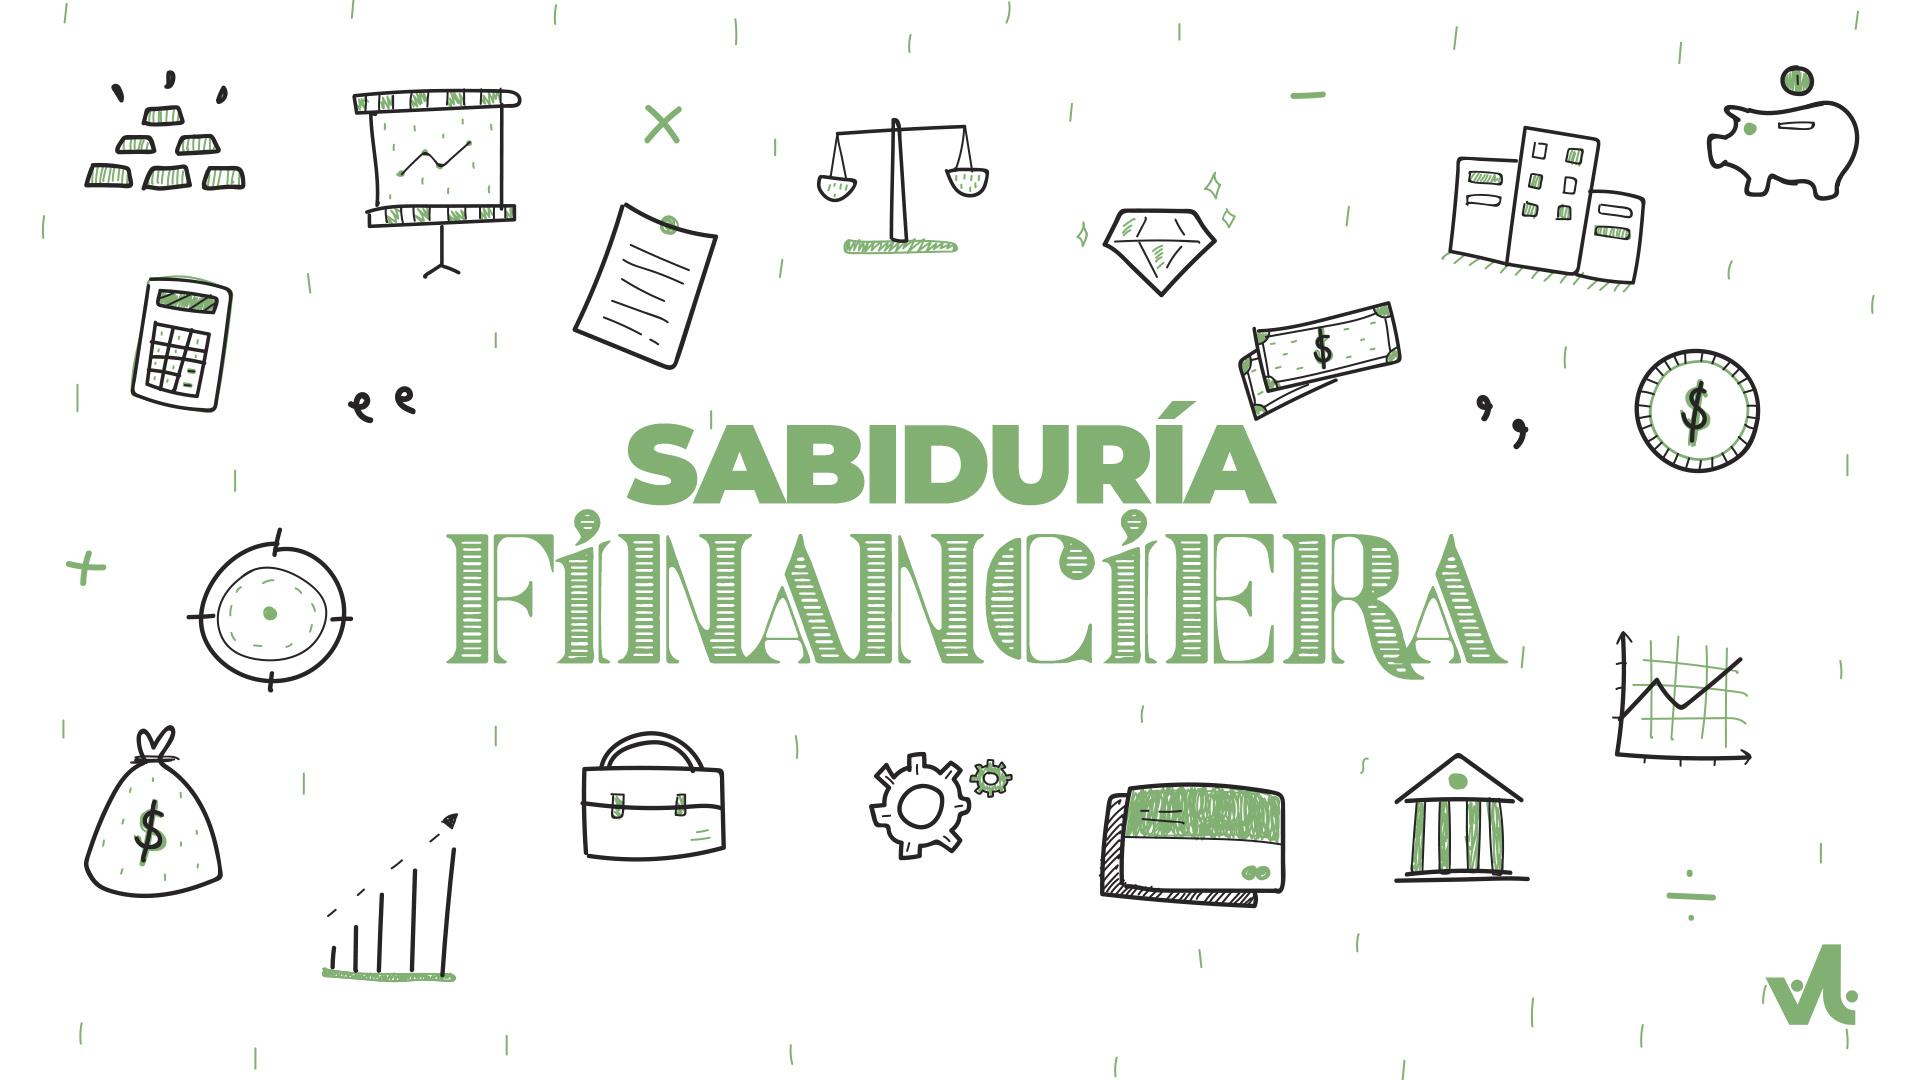 Sabiduría Financiera